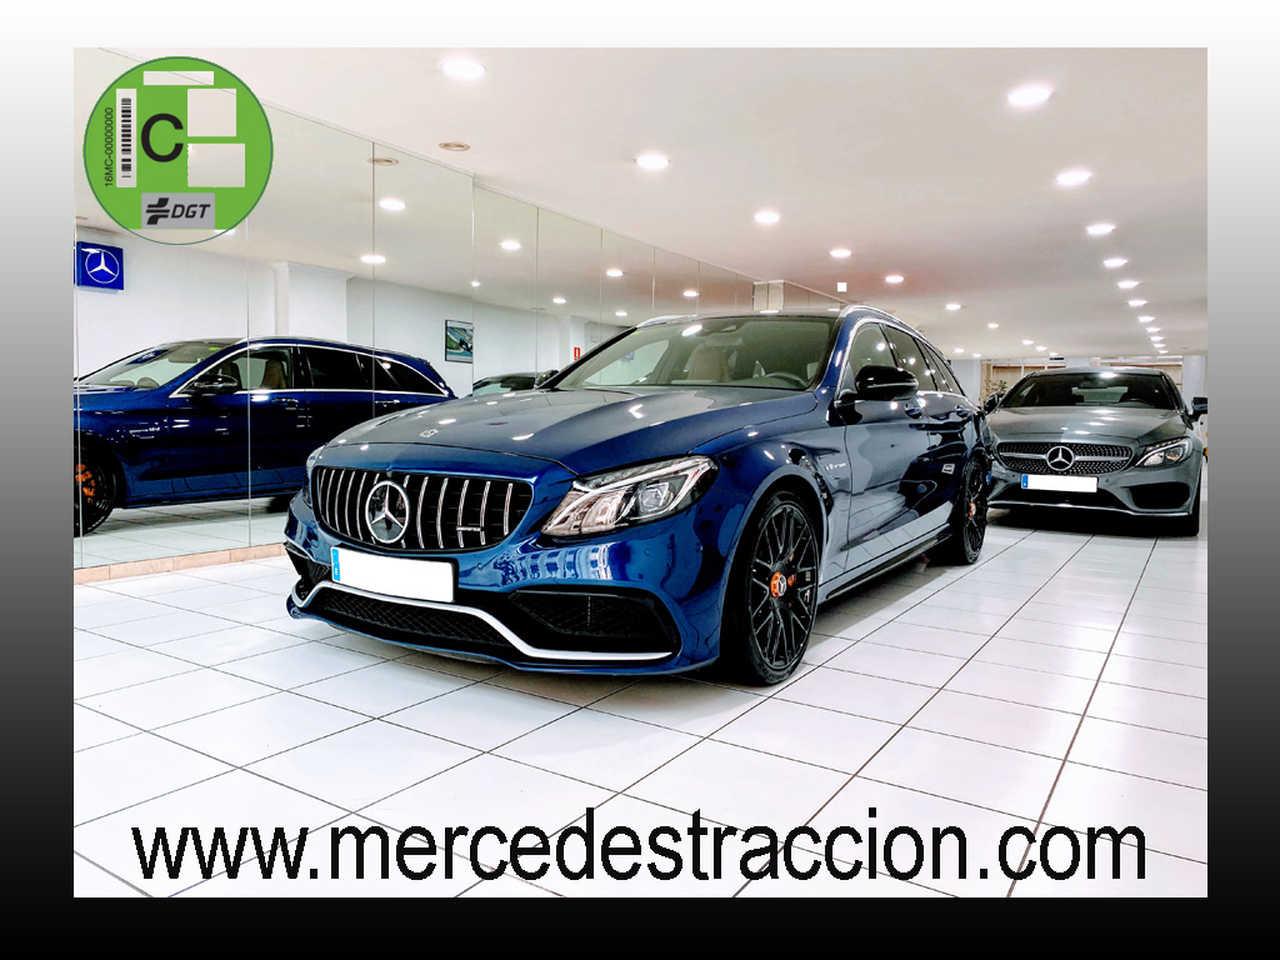 Mercedes Clase C Estate AMG 63 S/AMG Driver 290 km/SUPER FULL   - Foto 1